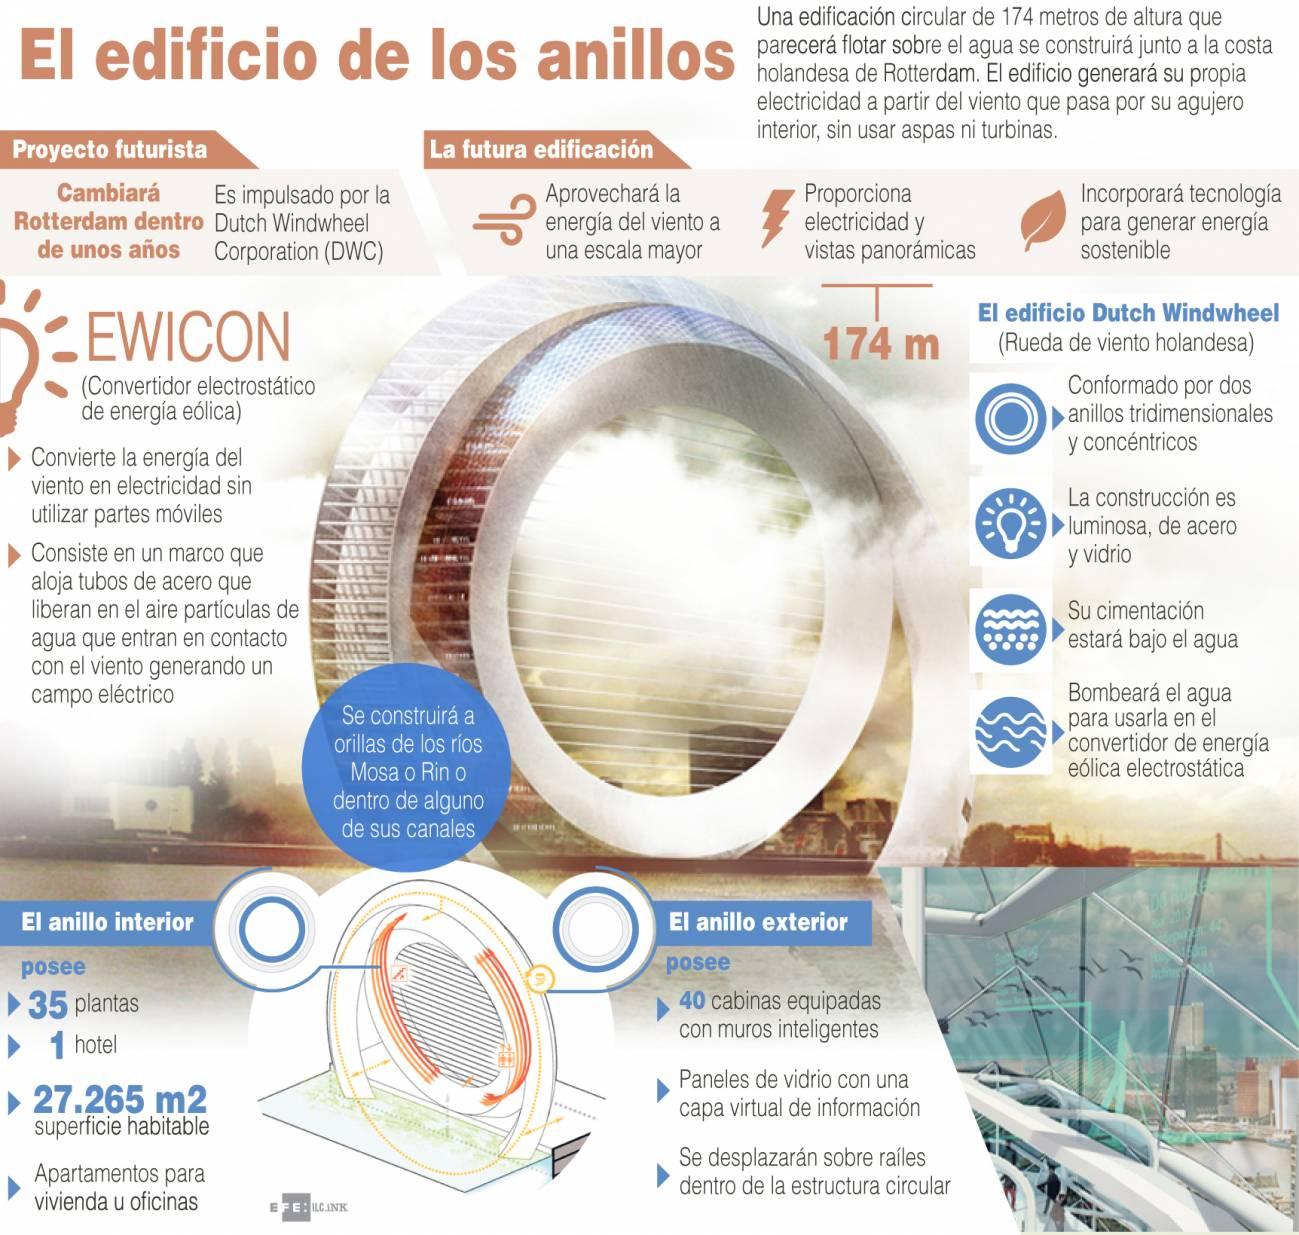 Infografía del diseño y funcionamiento del futuro edificio. / Efe